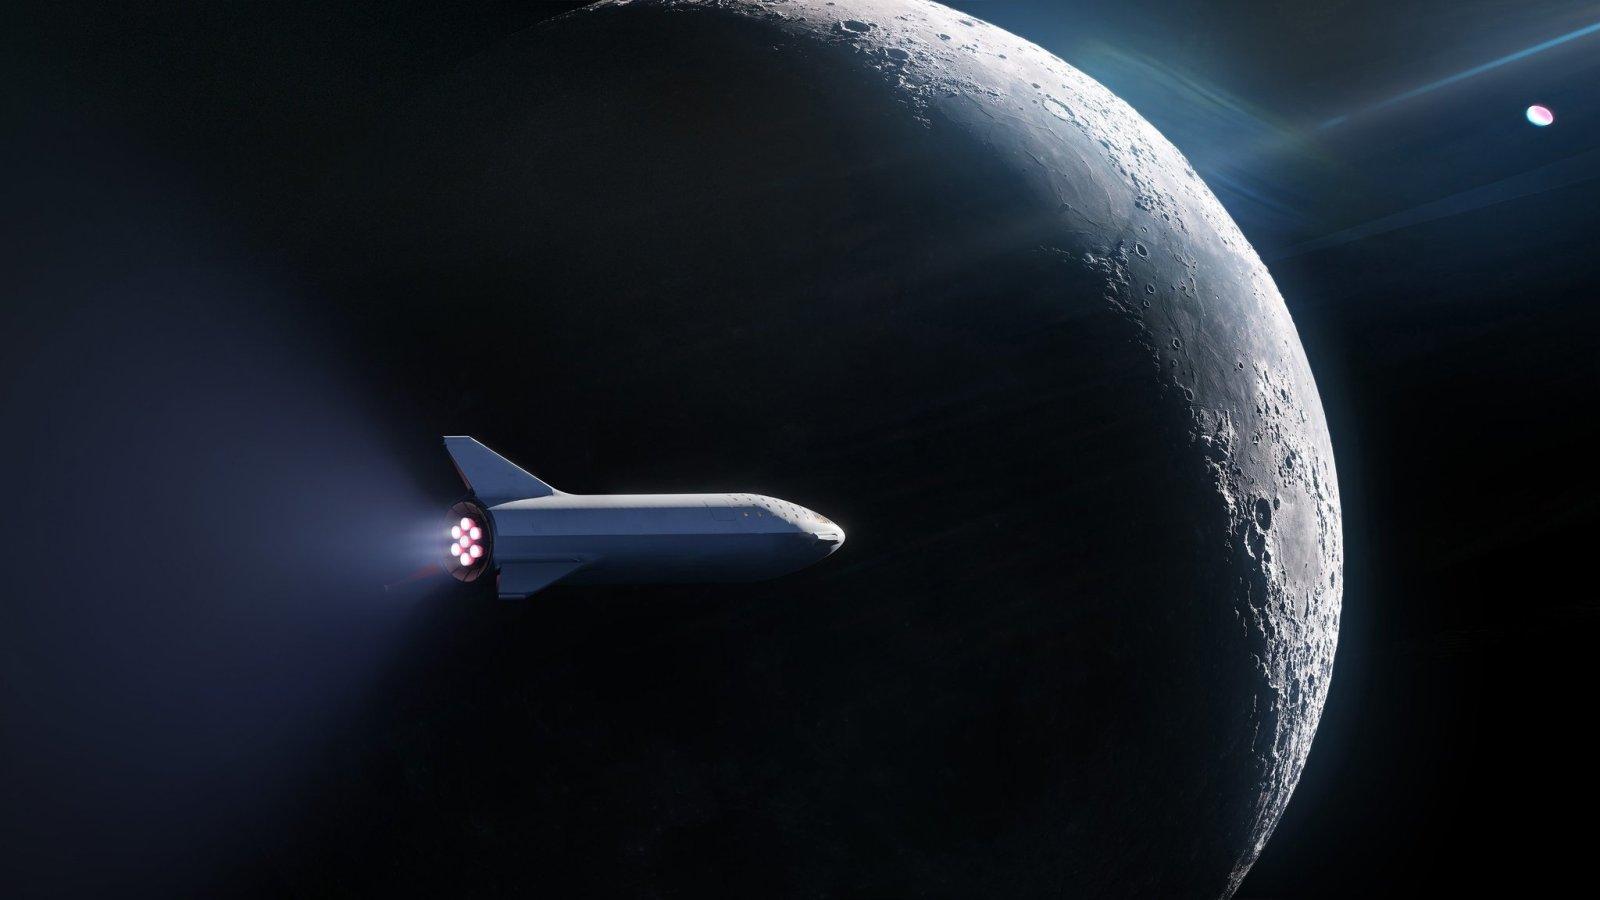 【更新】SpaceX签下世界首位绕月飞行私人乘客,为日本企业家前泽友作